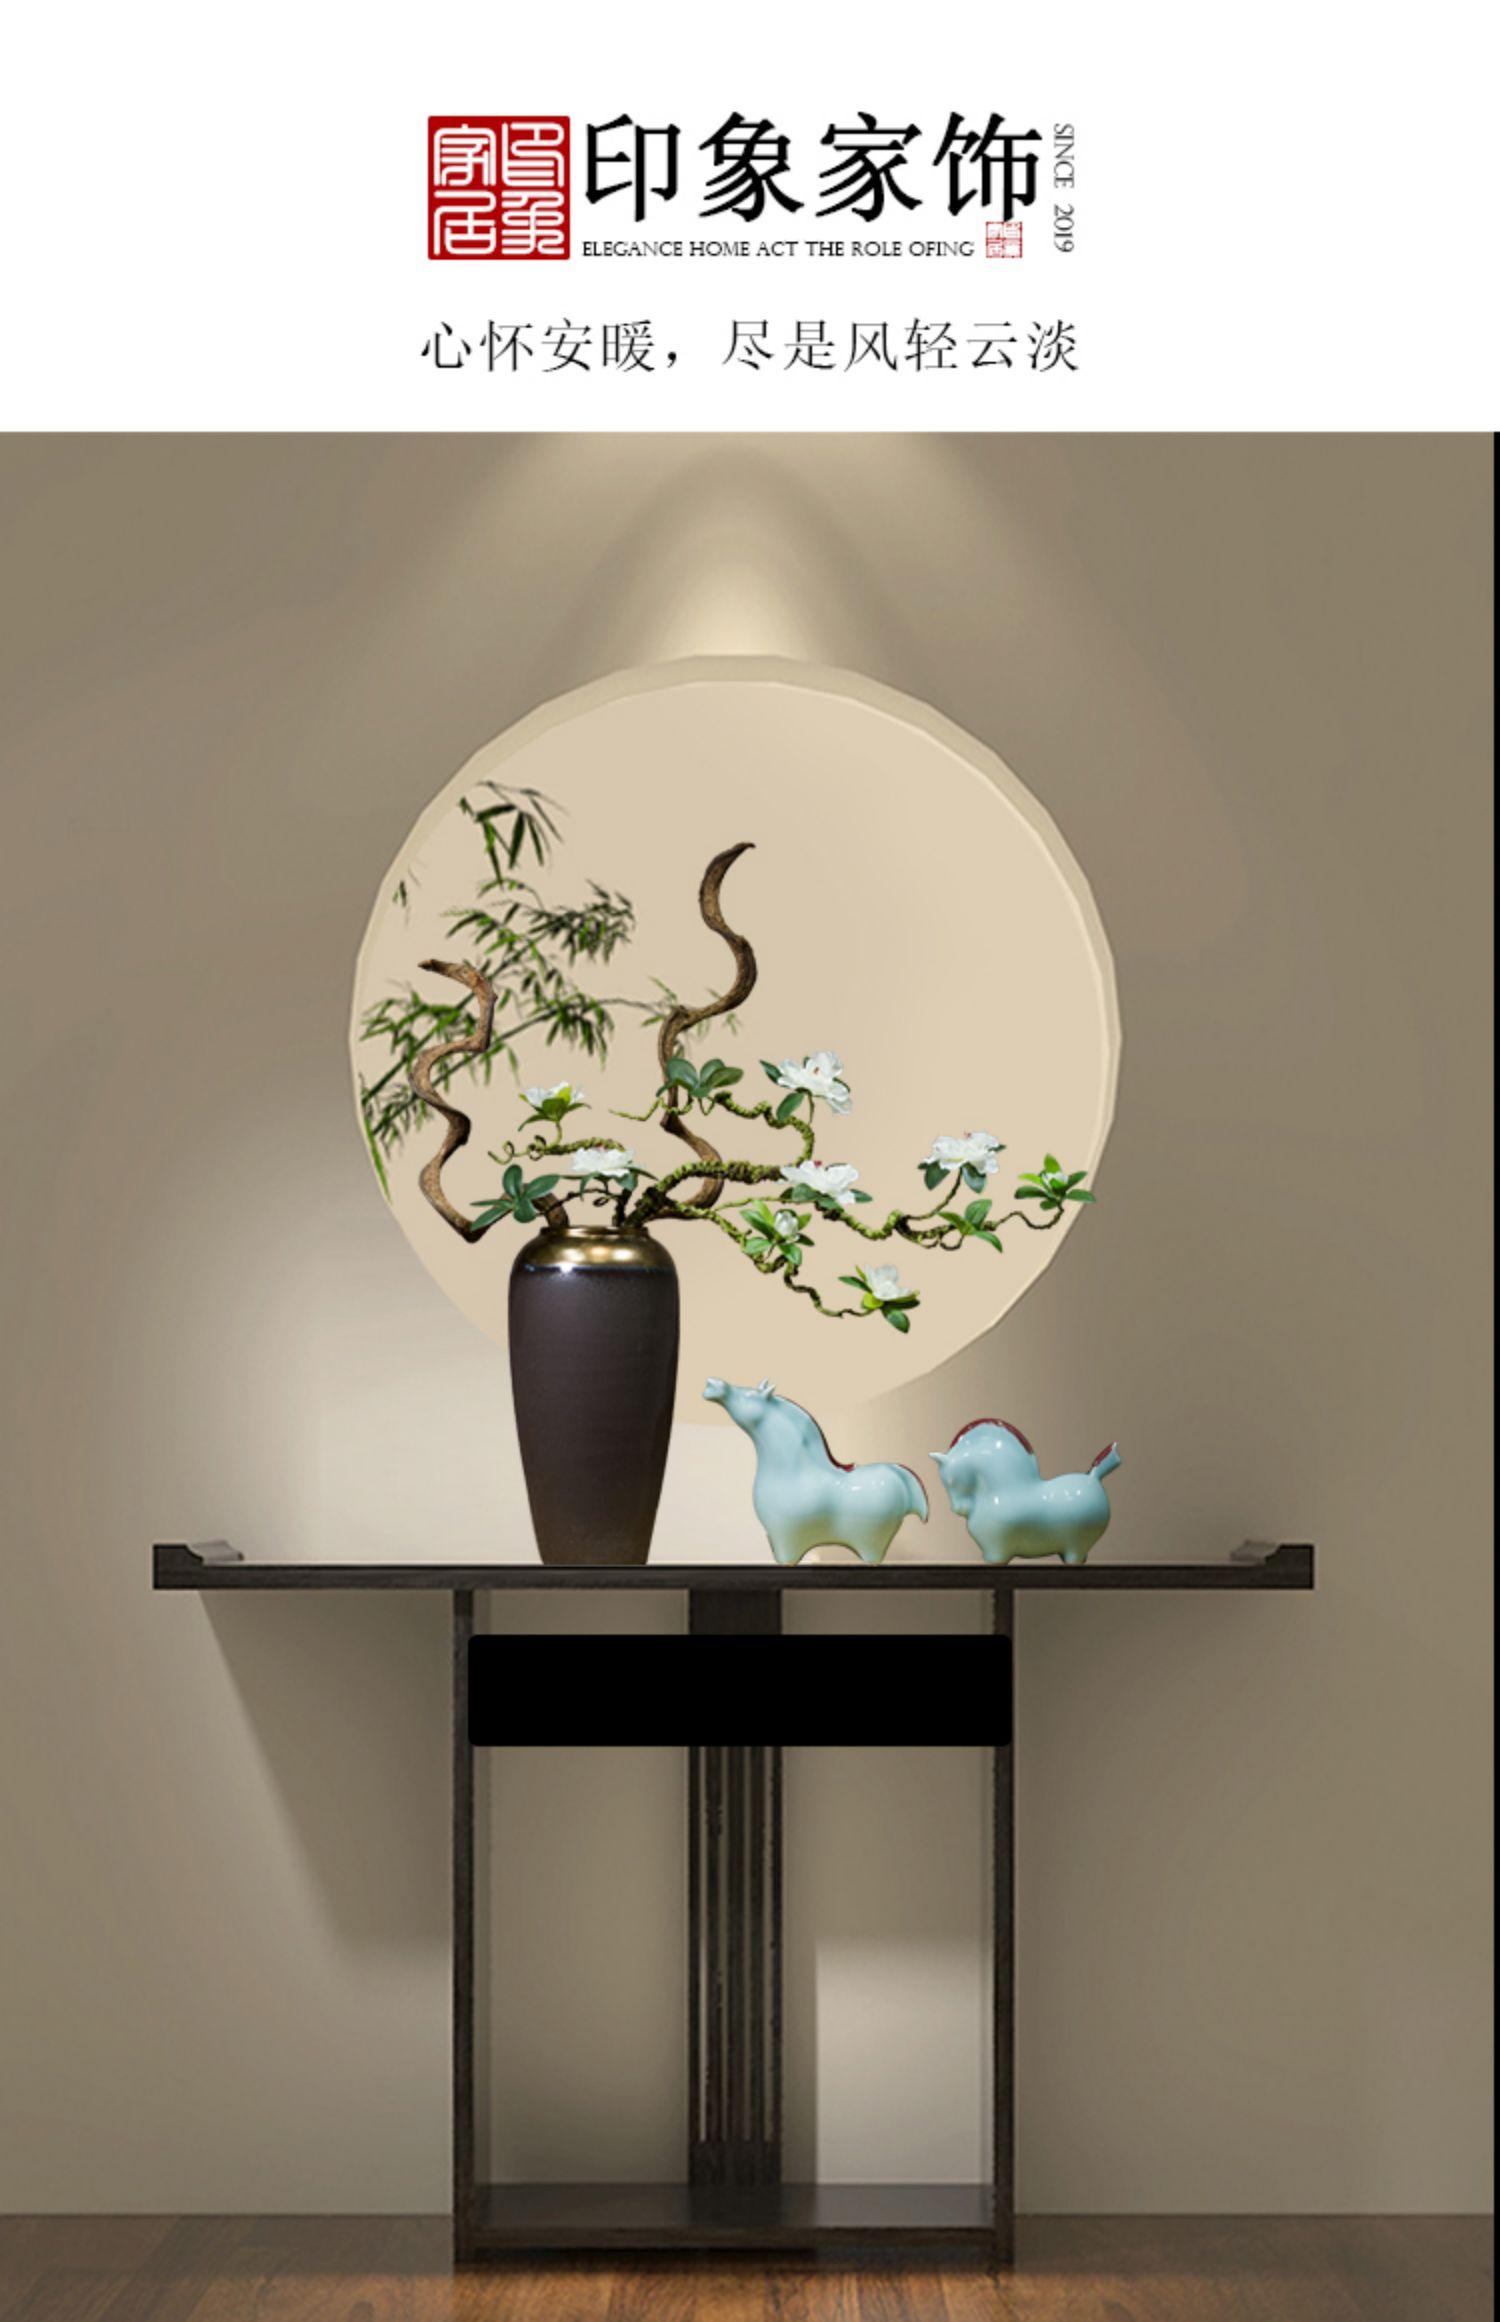 Những chiếc bình phong cổ điển mới của Trung Hoa, những đồ trang trí trên mái hiên phòng khách, được